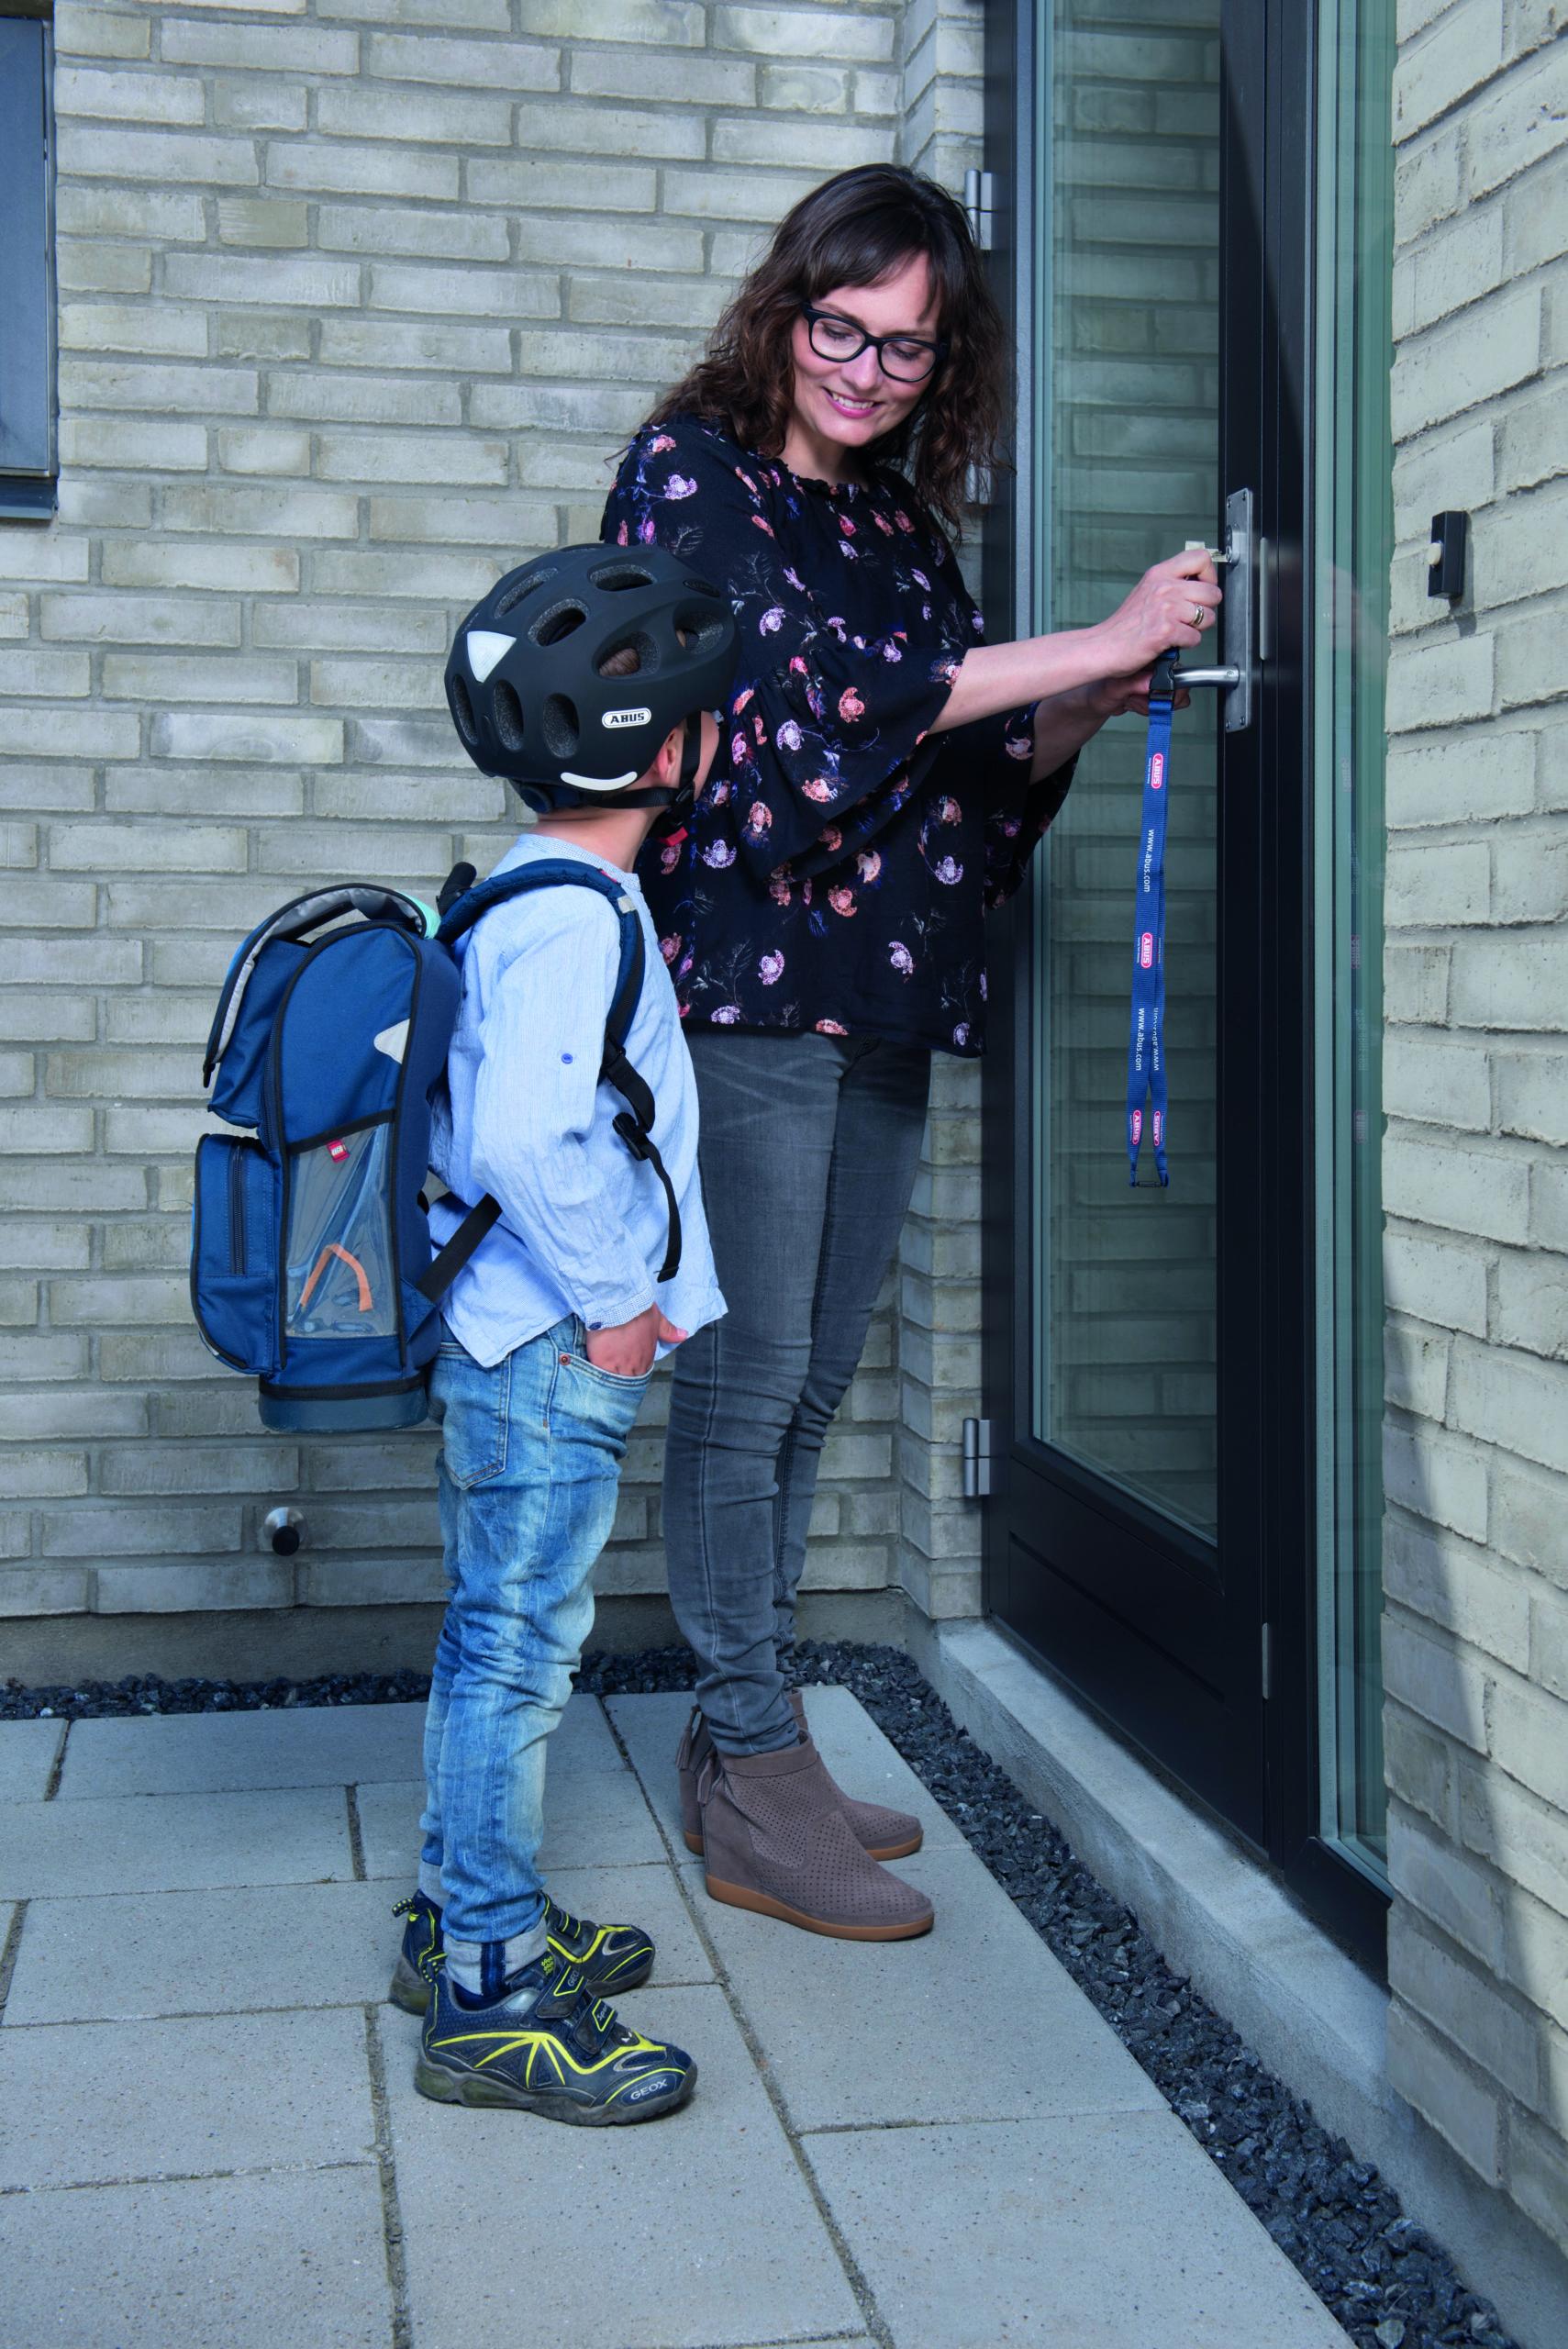 Vi tilbyder en bred vifte af produkter til dit hjem, så du kan føle dig tryg, når du forlader det.